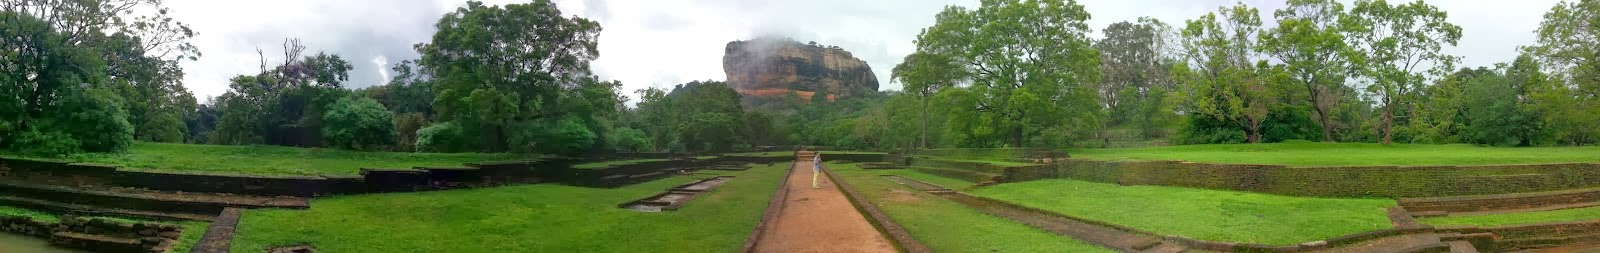 Сигирия Водные Сады, Шри-Ланка, фото панорама высокого качества, красивый ландшафтный дизайн